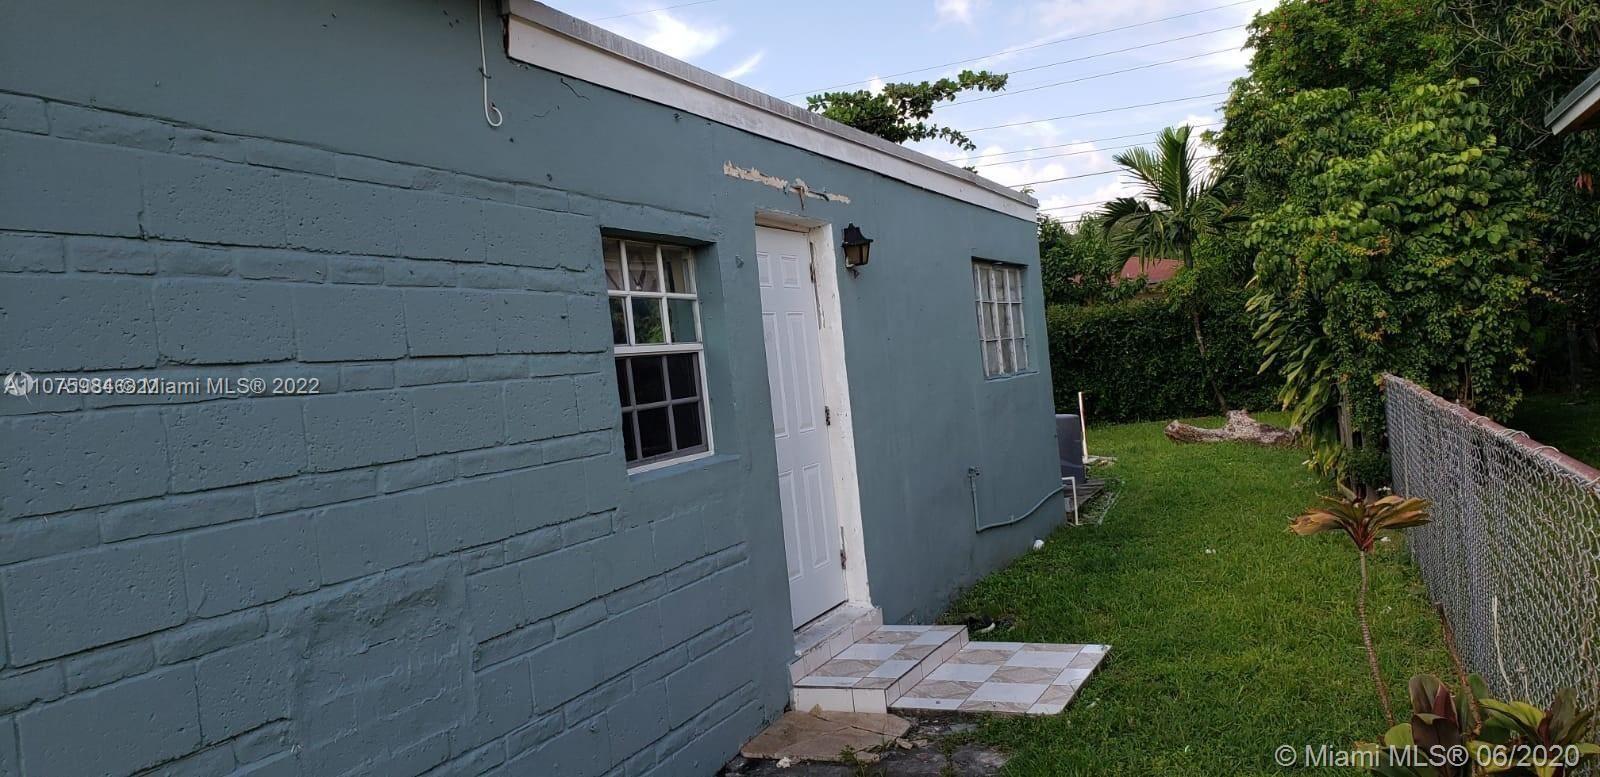 Photo of 13940 NE 16th Ct, North Miami, FL 33181 (MLS # A11075984)